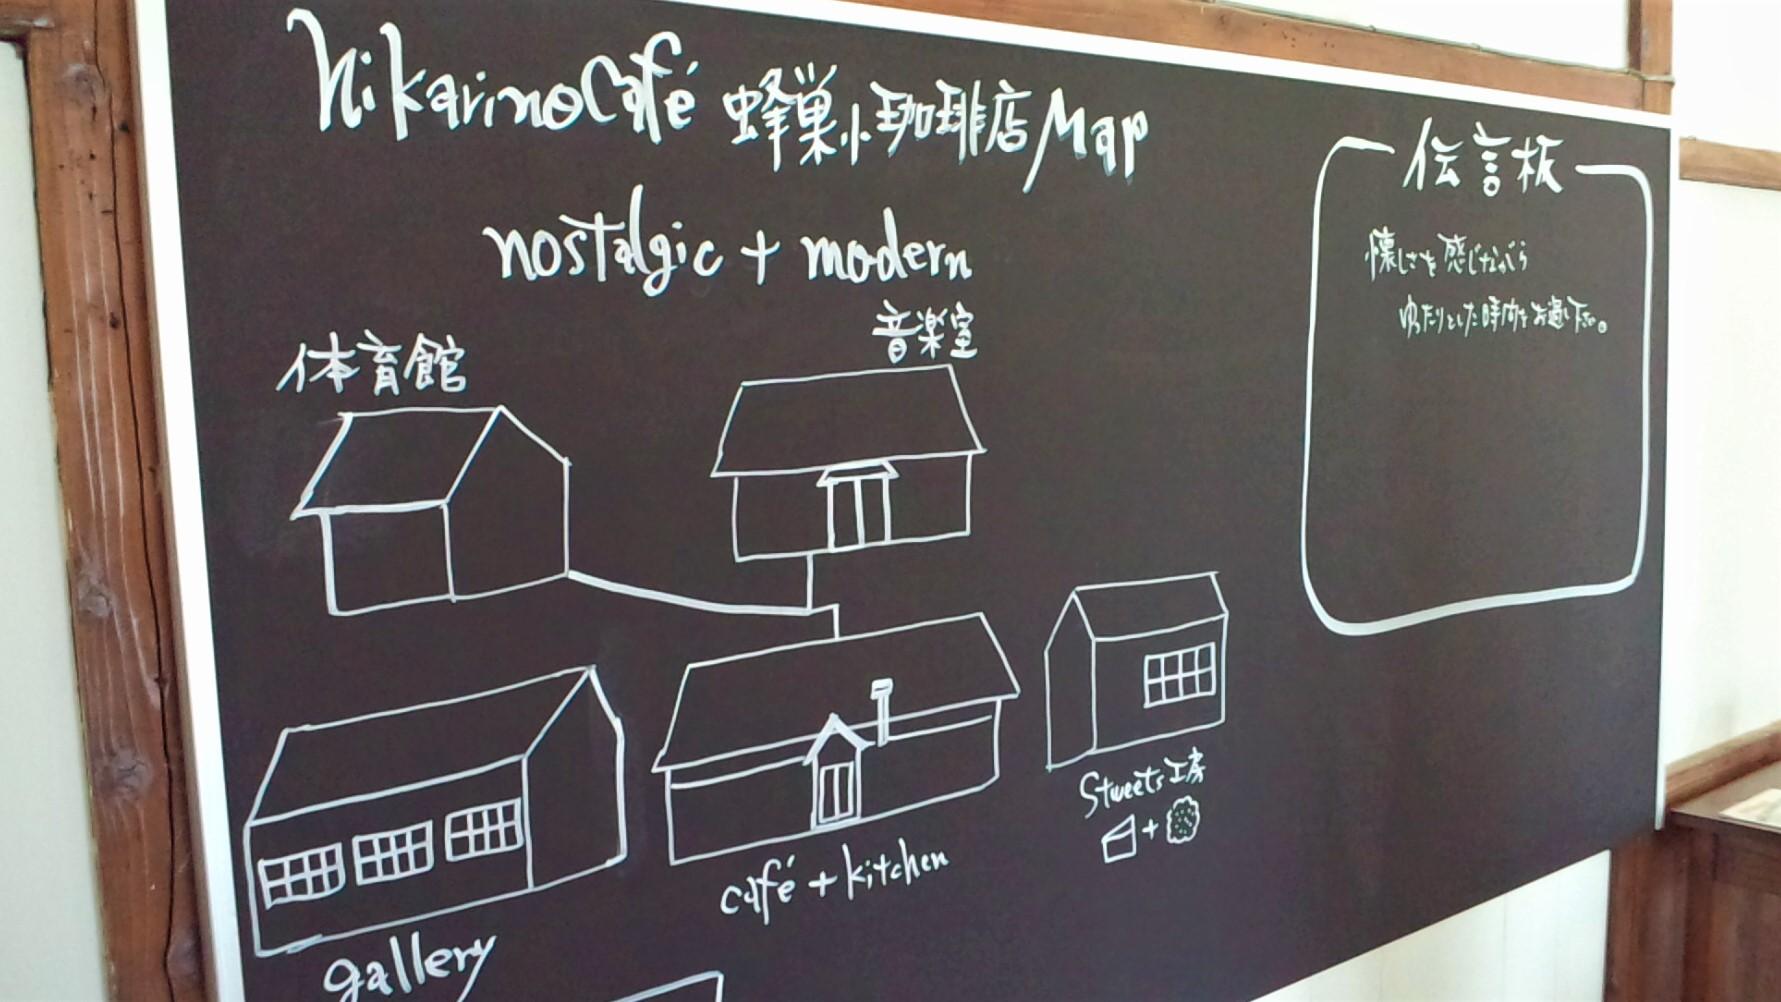 ヒカリノカフェ蜂須小珈琲店の館内マップ